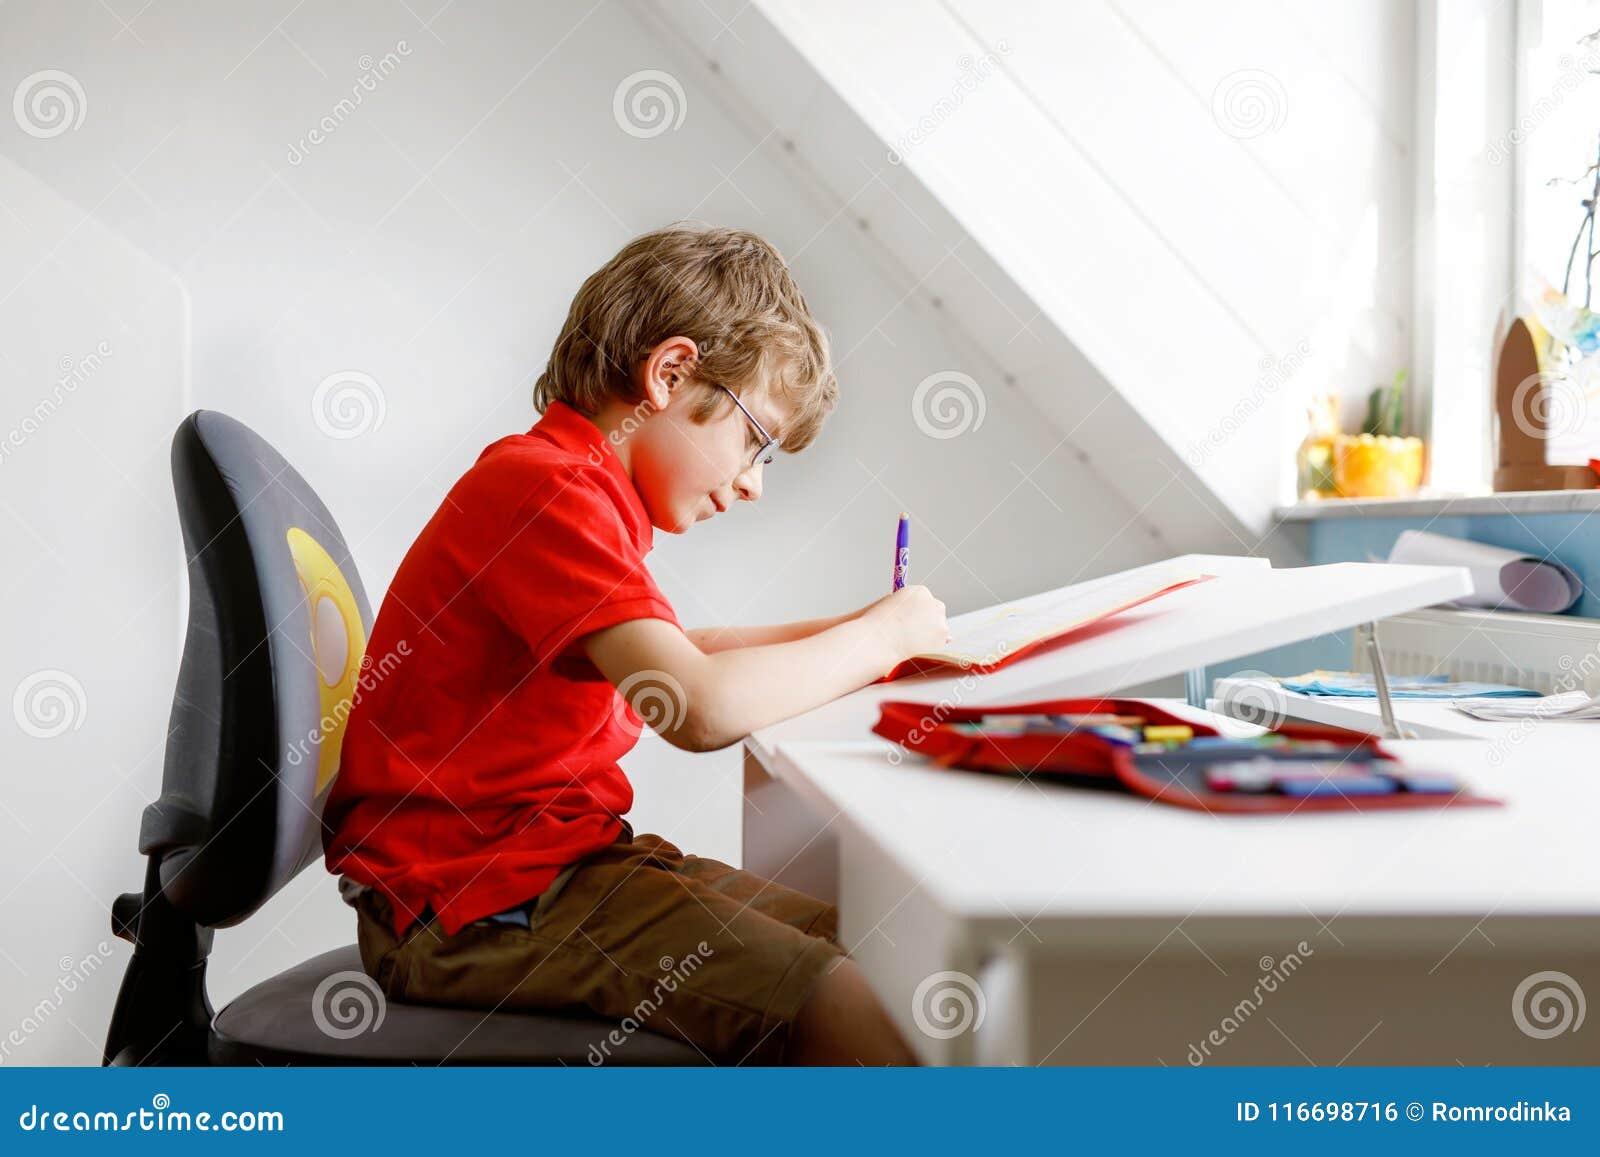 Милый мальчик маленького ребенка при стекла дома делая домашнюю работу, писать письма с красочными ручками